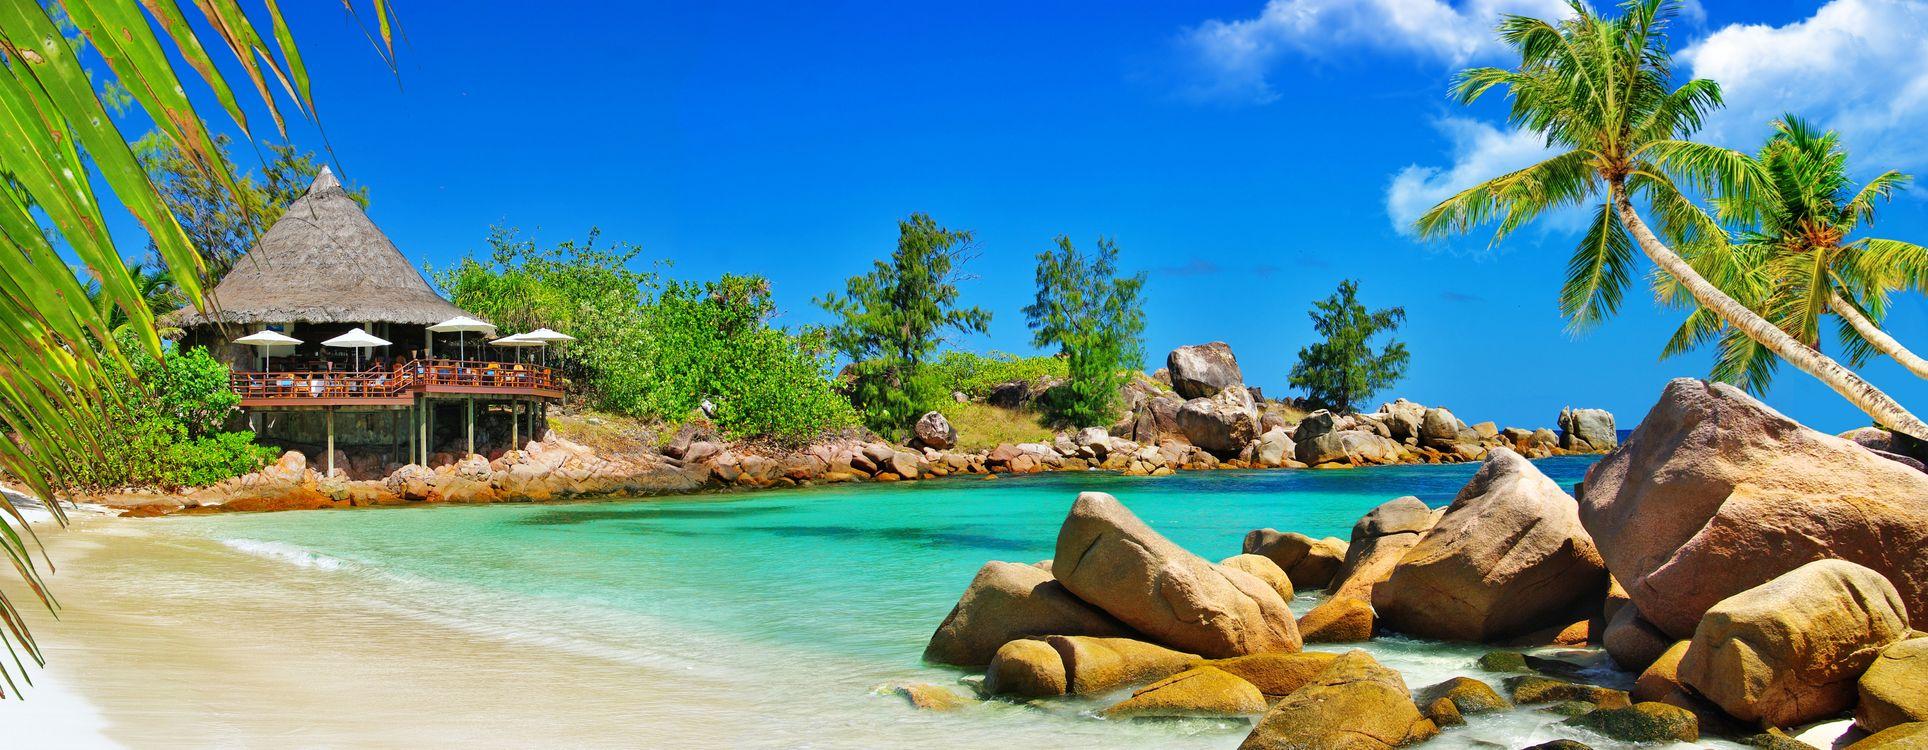 Обои Palm, sand, beach картинки на телефон